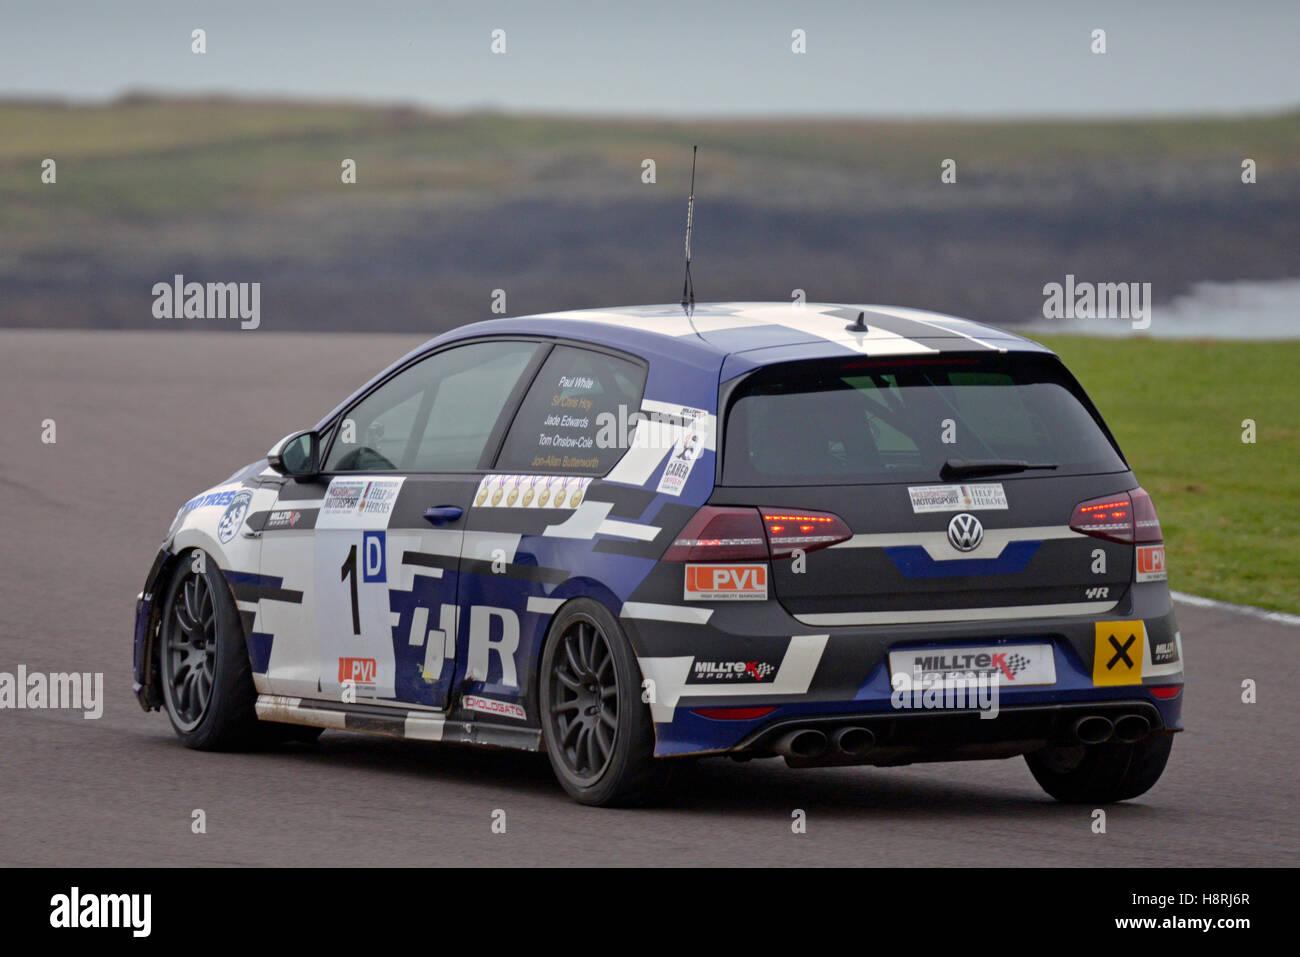 La missione del Motor Sport Ty Croes racing Anglesey, Curcuit ,il Galles del Nord, Regno Unito,.VW. Gara di ricordo. Immagini Stock